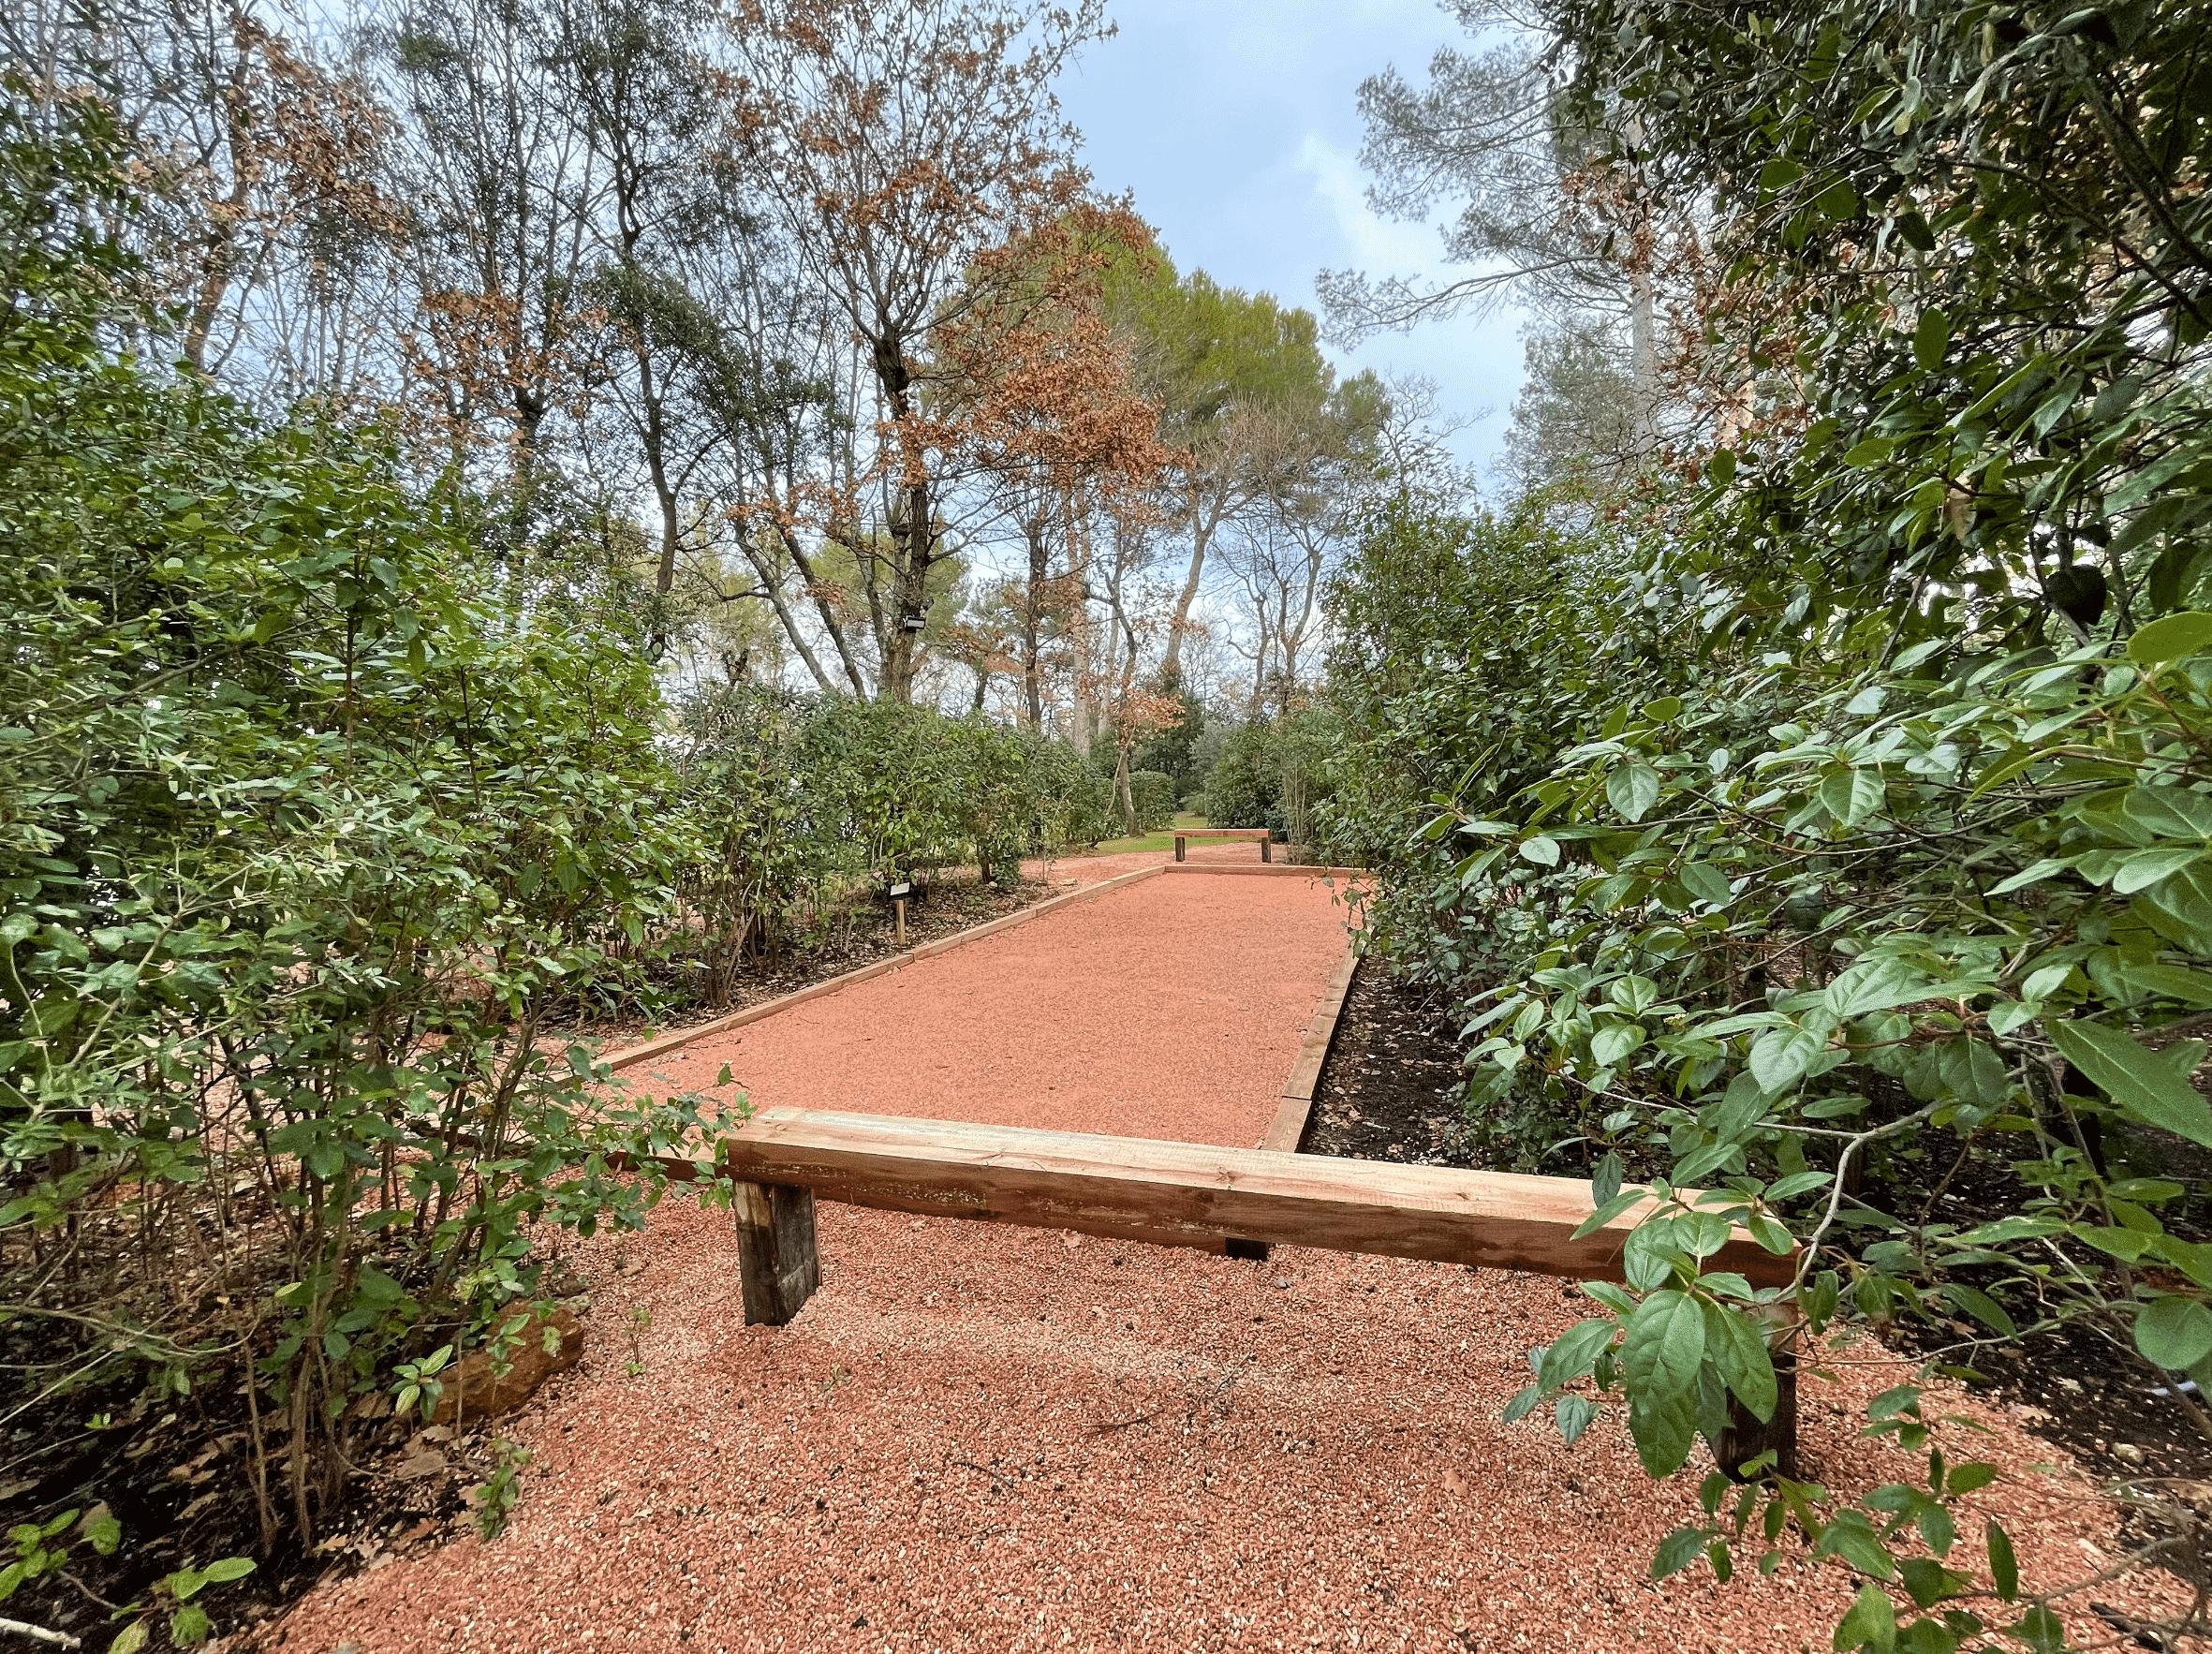 Acheter sable boulodrome / Acheter sable terrain de pétanque près de Marseille